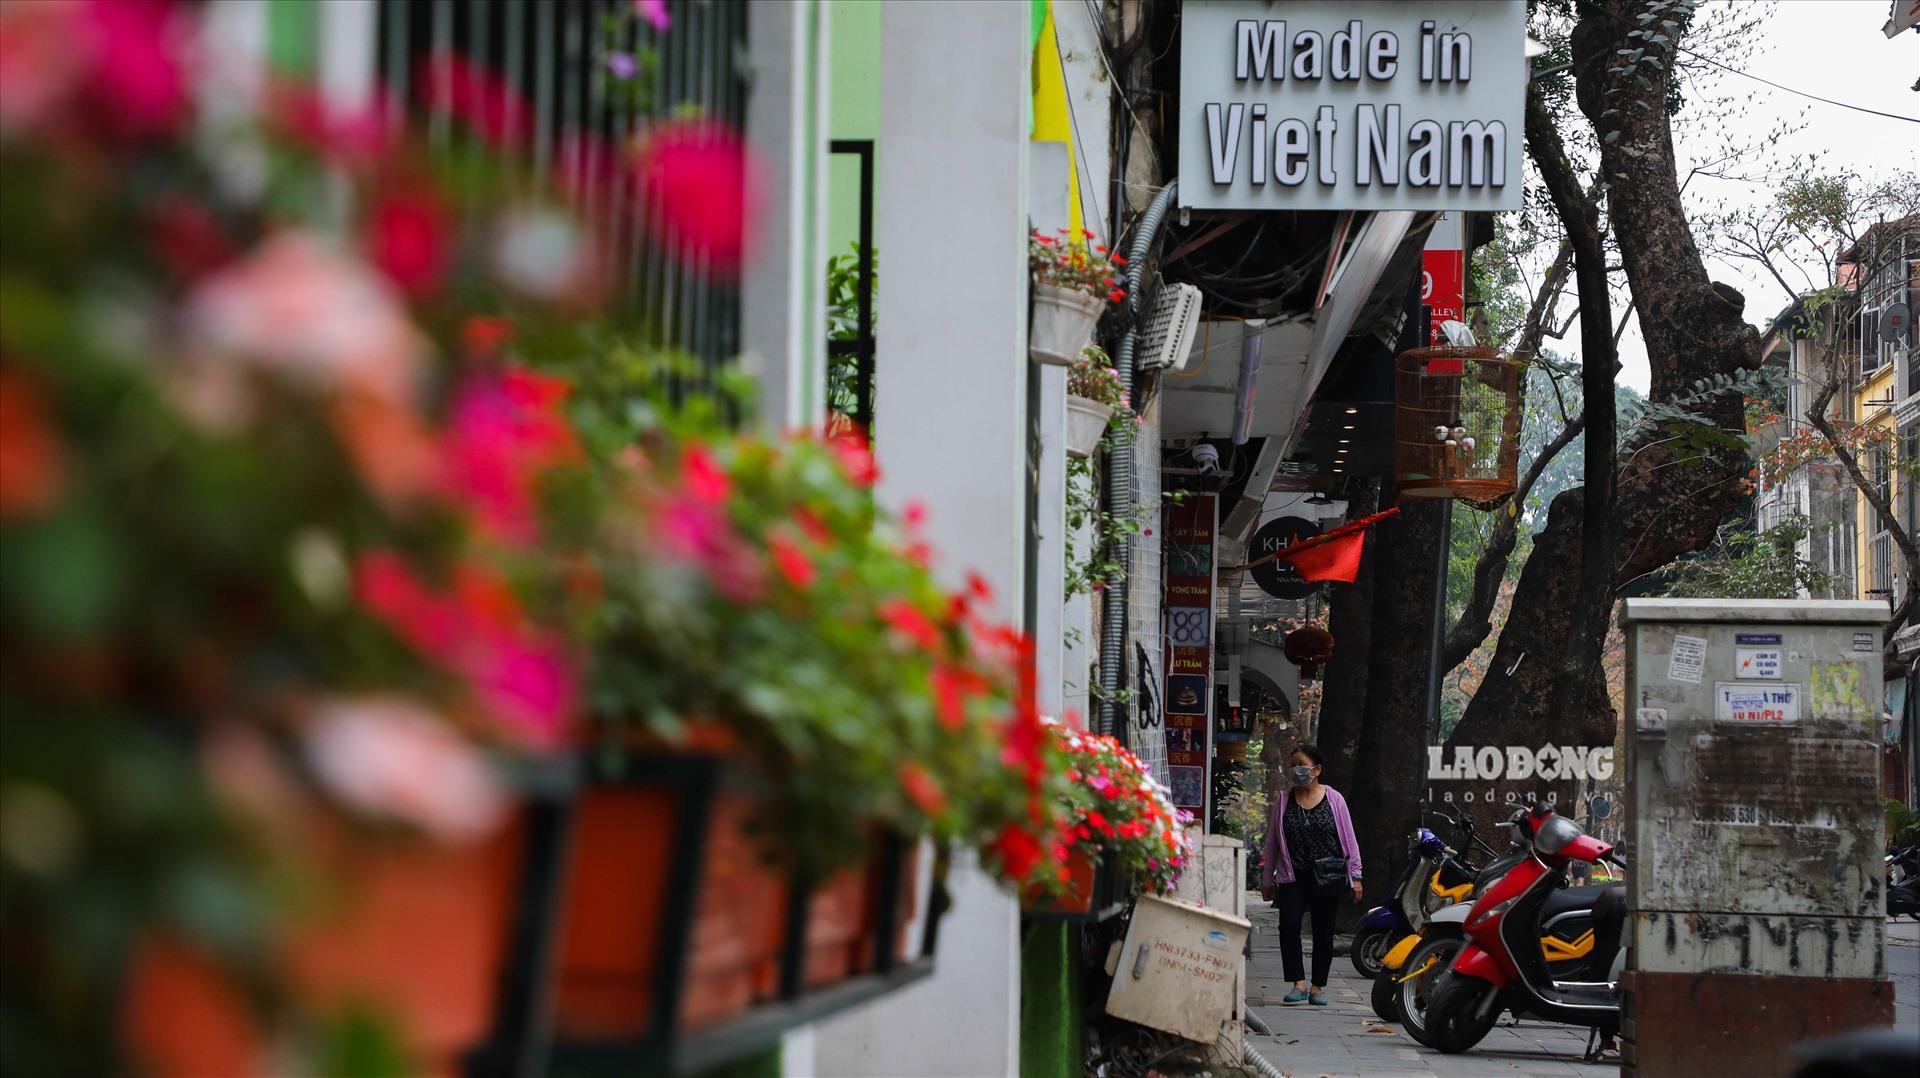 Bên cạnh đó, tuyến phố này tập trung rất nhiều nhiều hàng quán với các thương hiệu nổi tiếng trong nước và quốc tế.